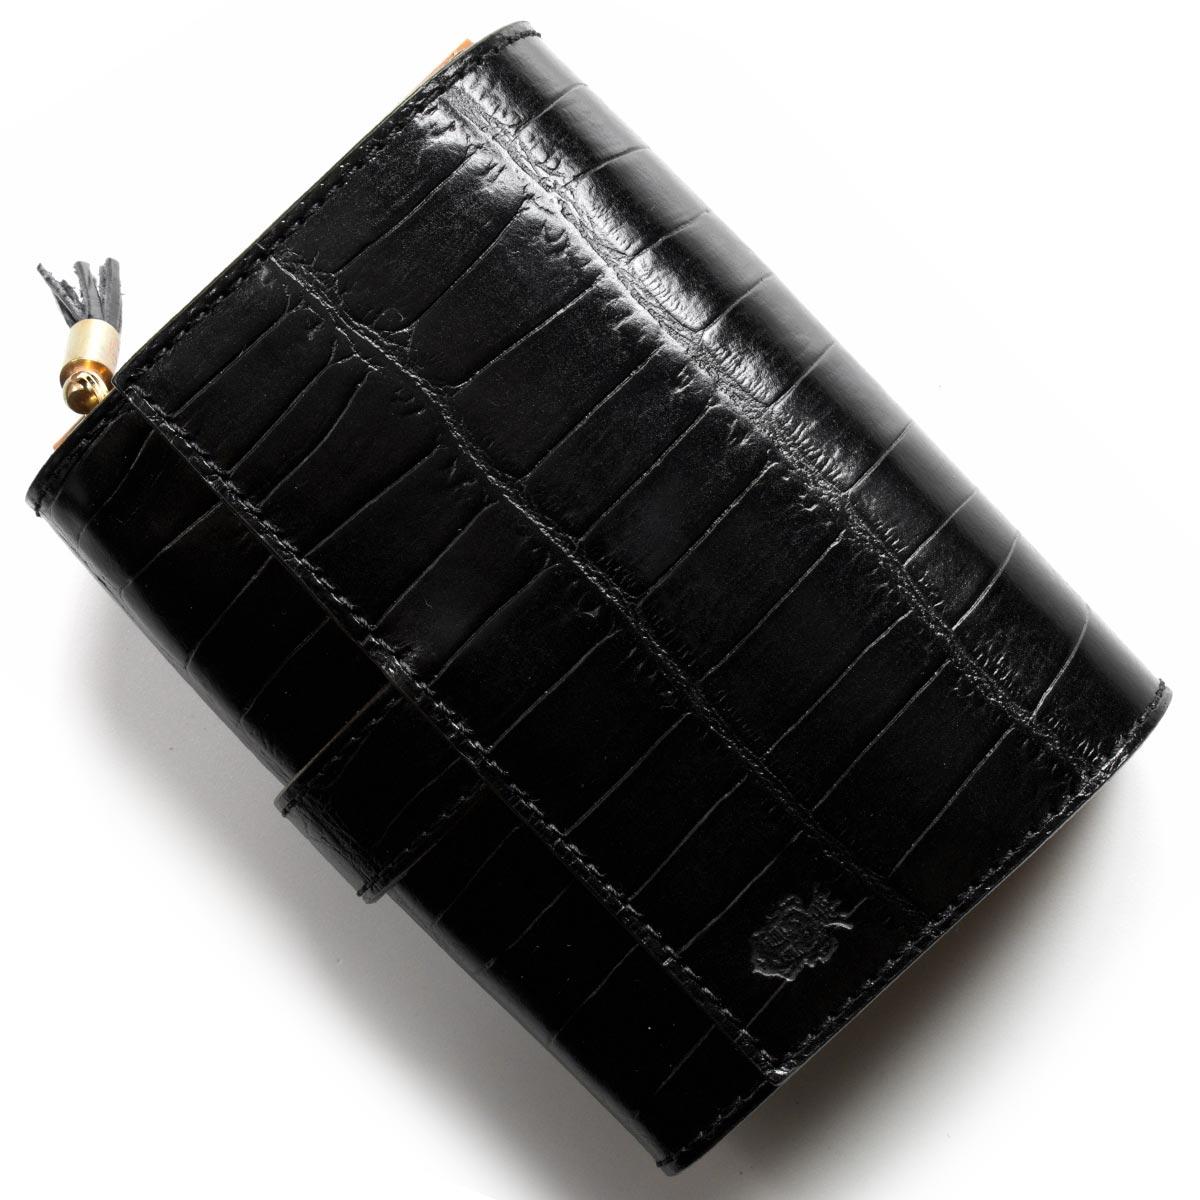 aeb23a111d5f フェリージ 二つ折り財布 財布 メンズ 長財布 レディース クロコ型押し ...